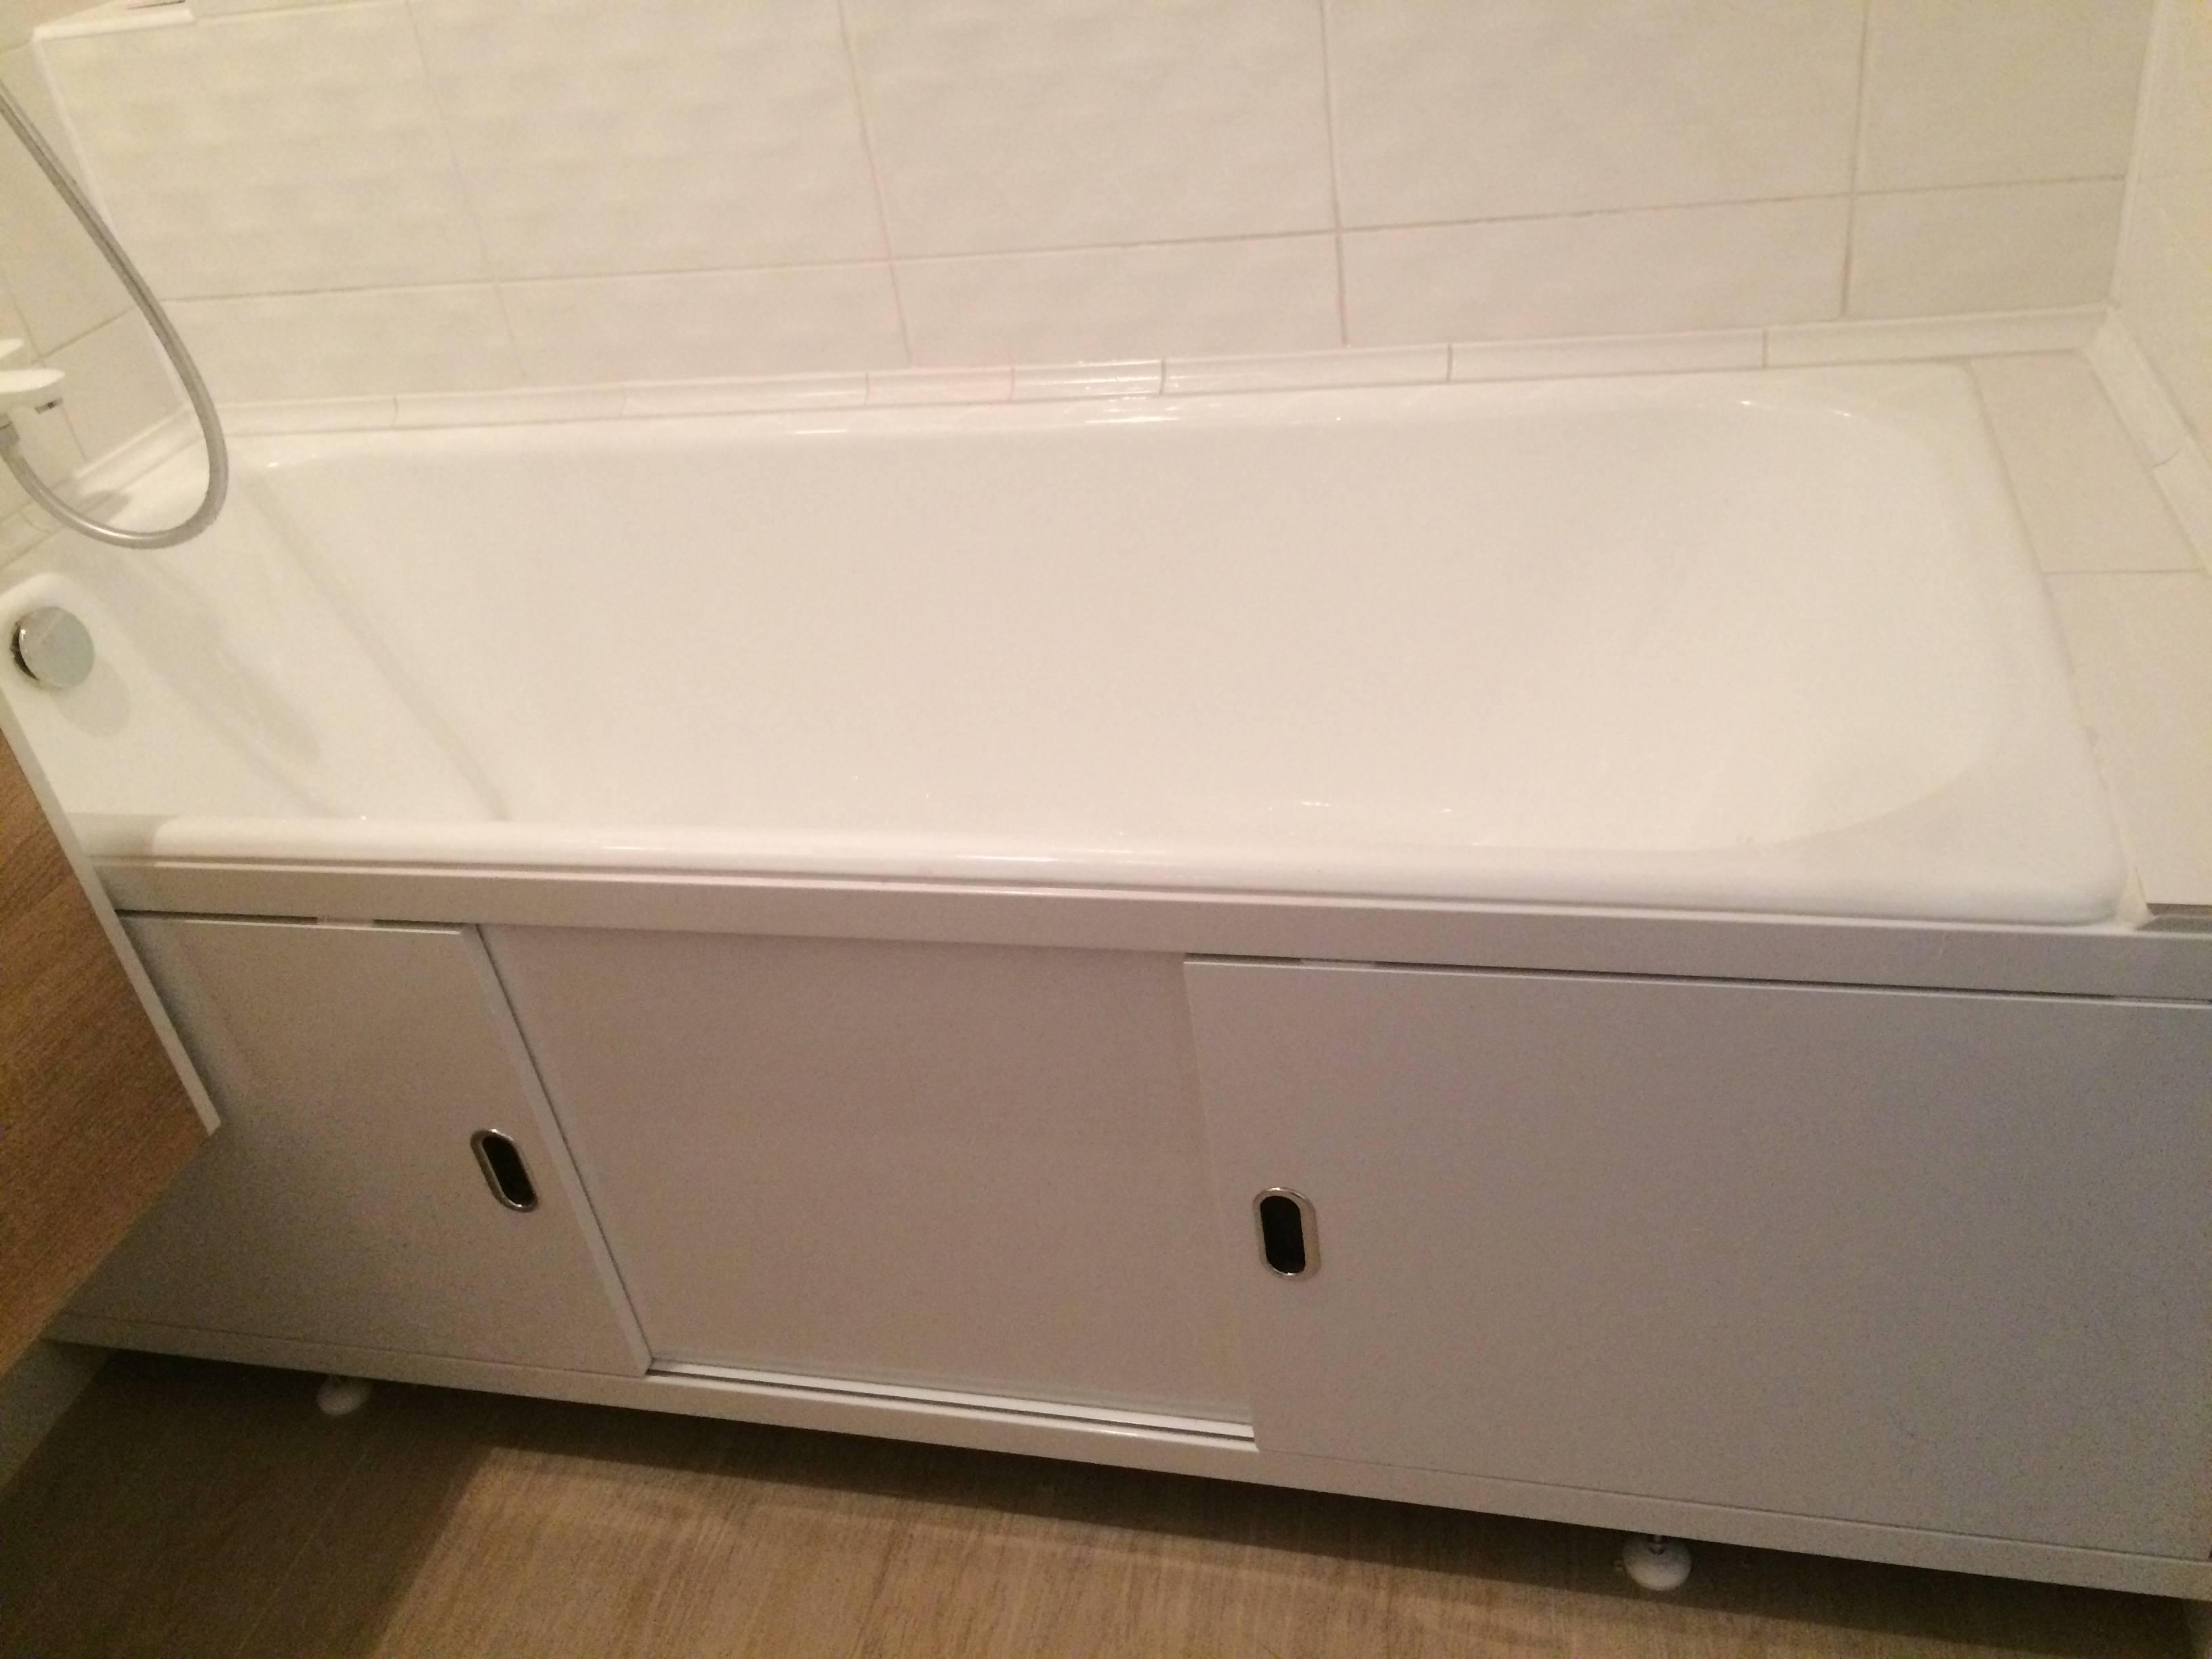 Установка экрана под ванну: как закрепить своими руками